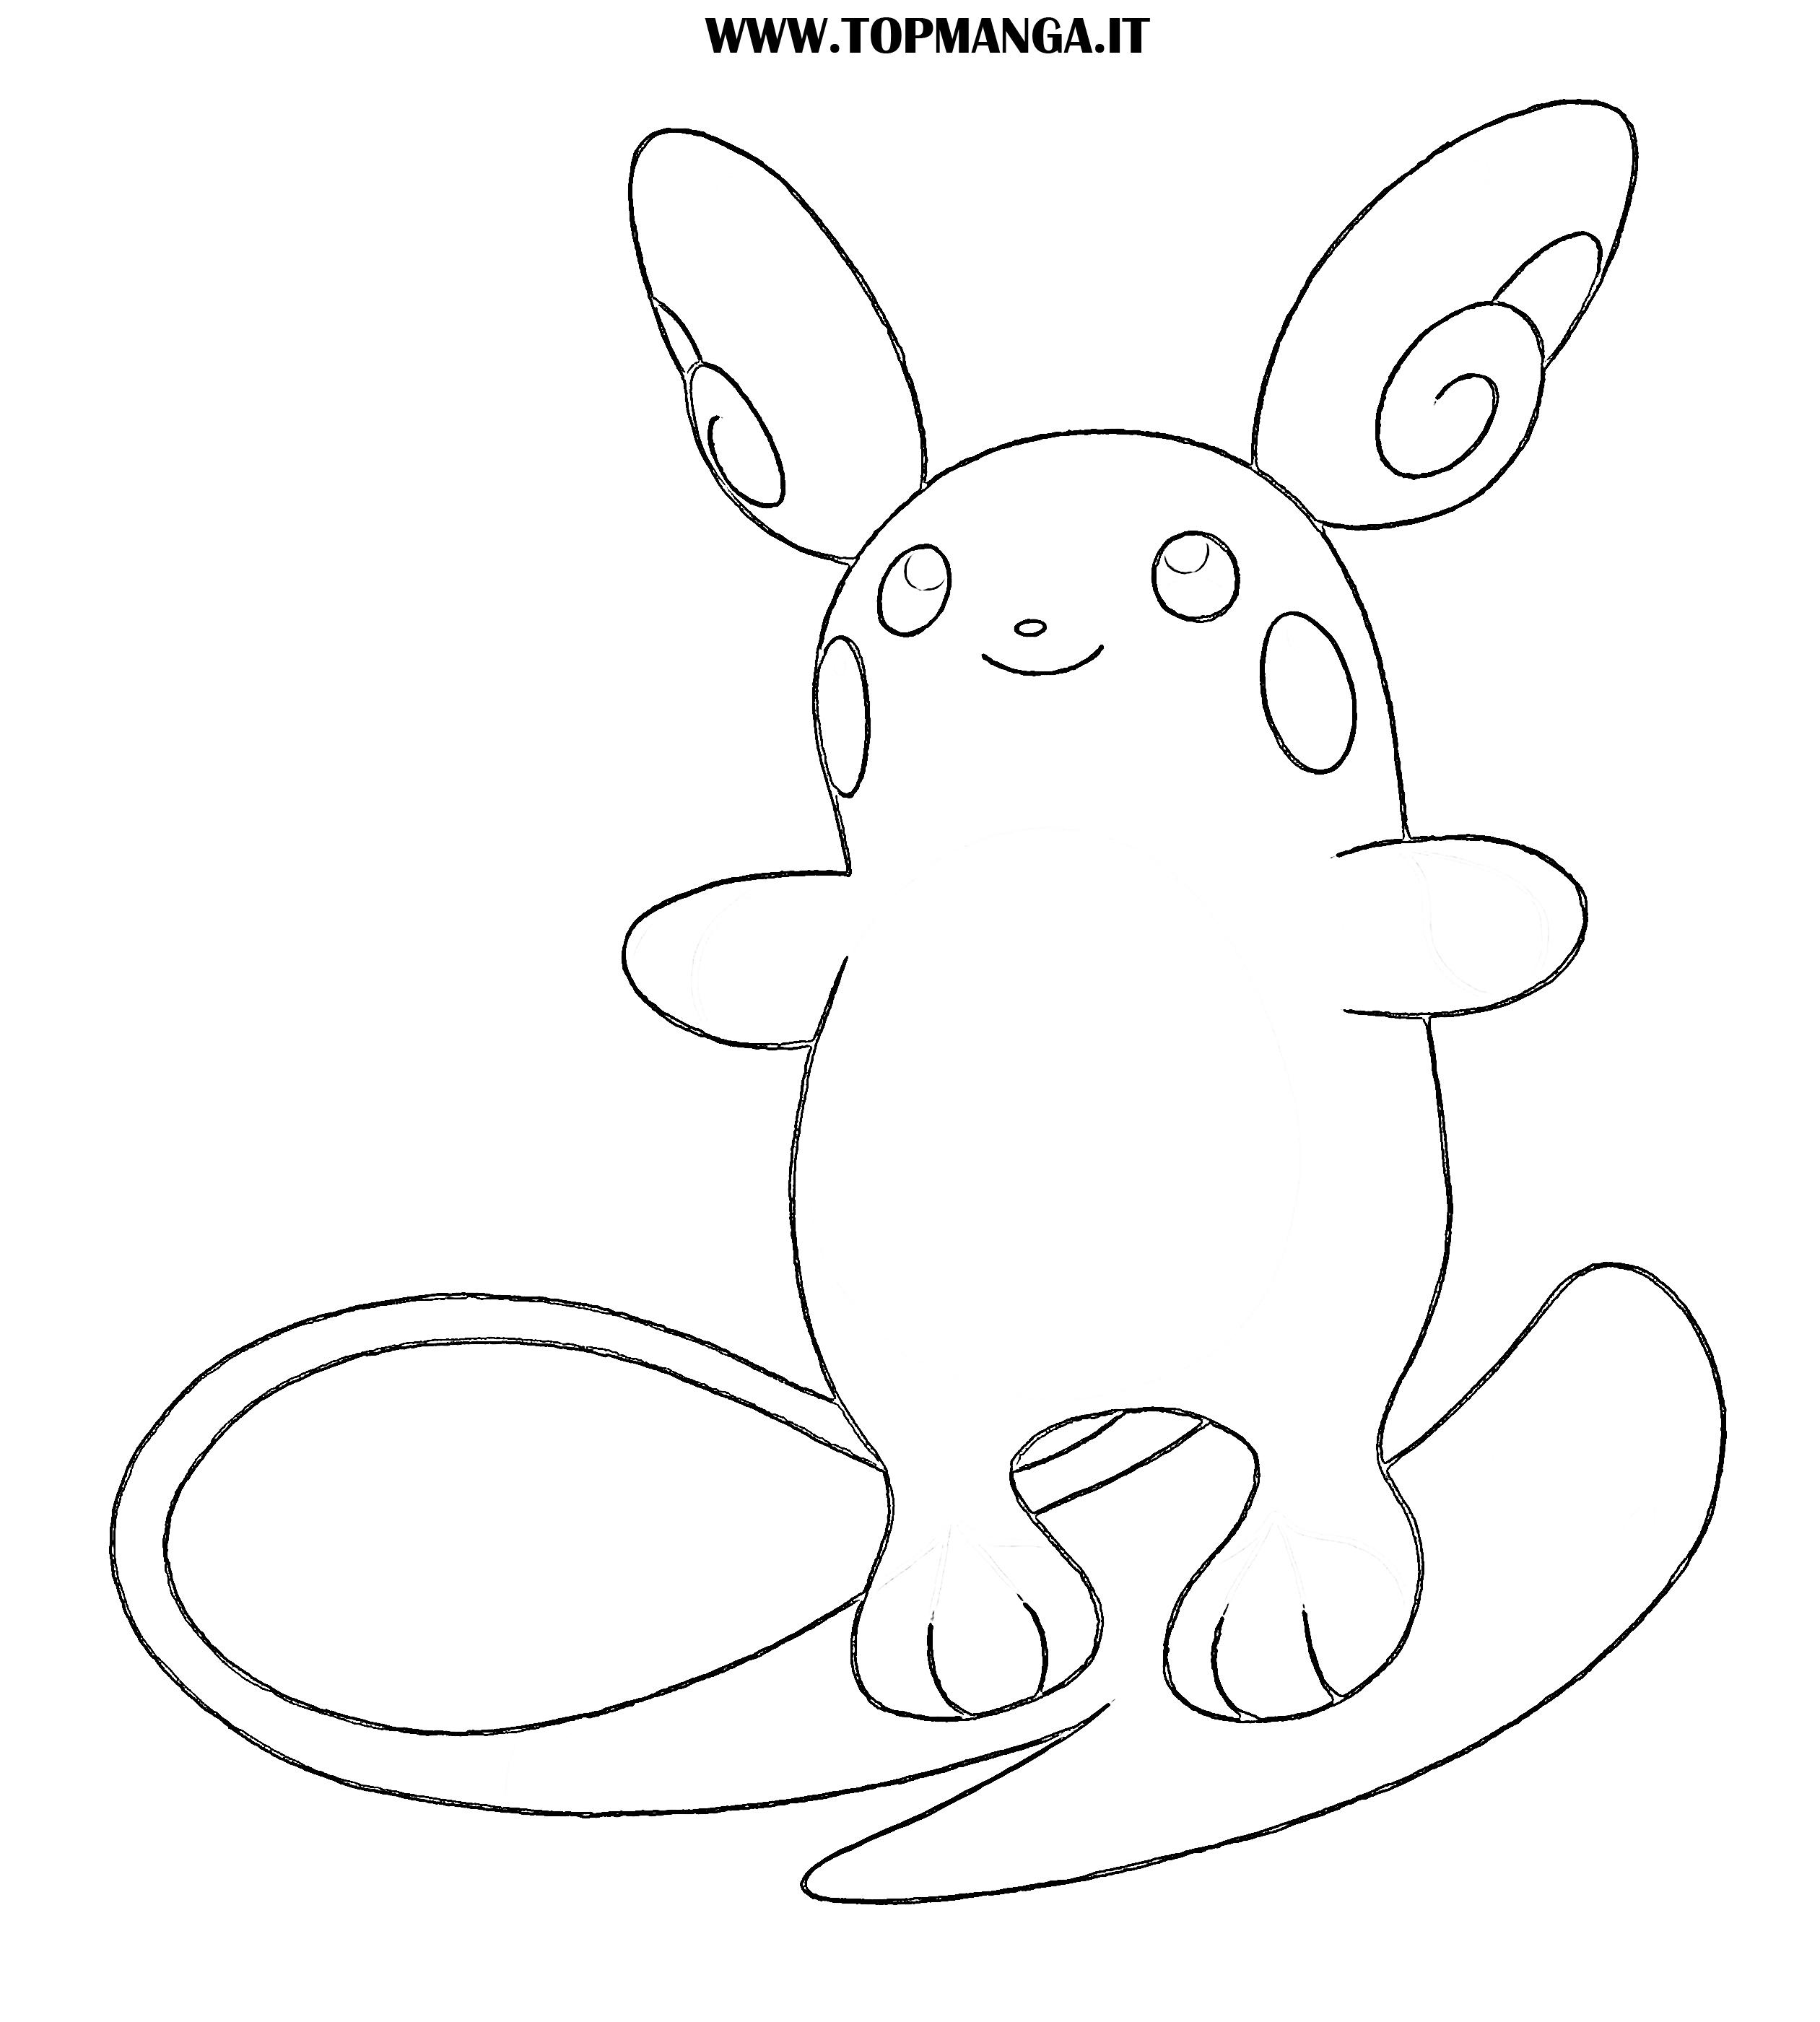 Immagini da colorare di pokemon topmanga anime e manga for Immagini sole da colorare